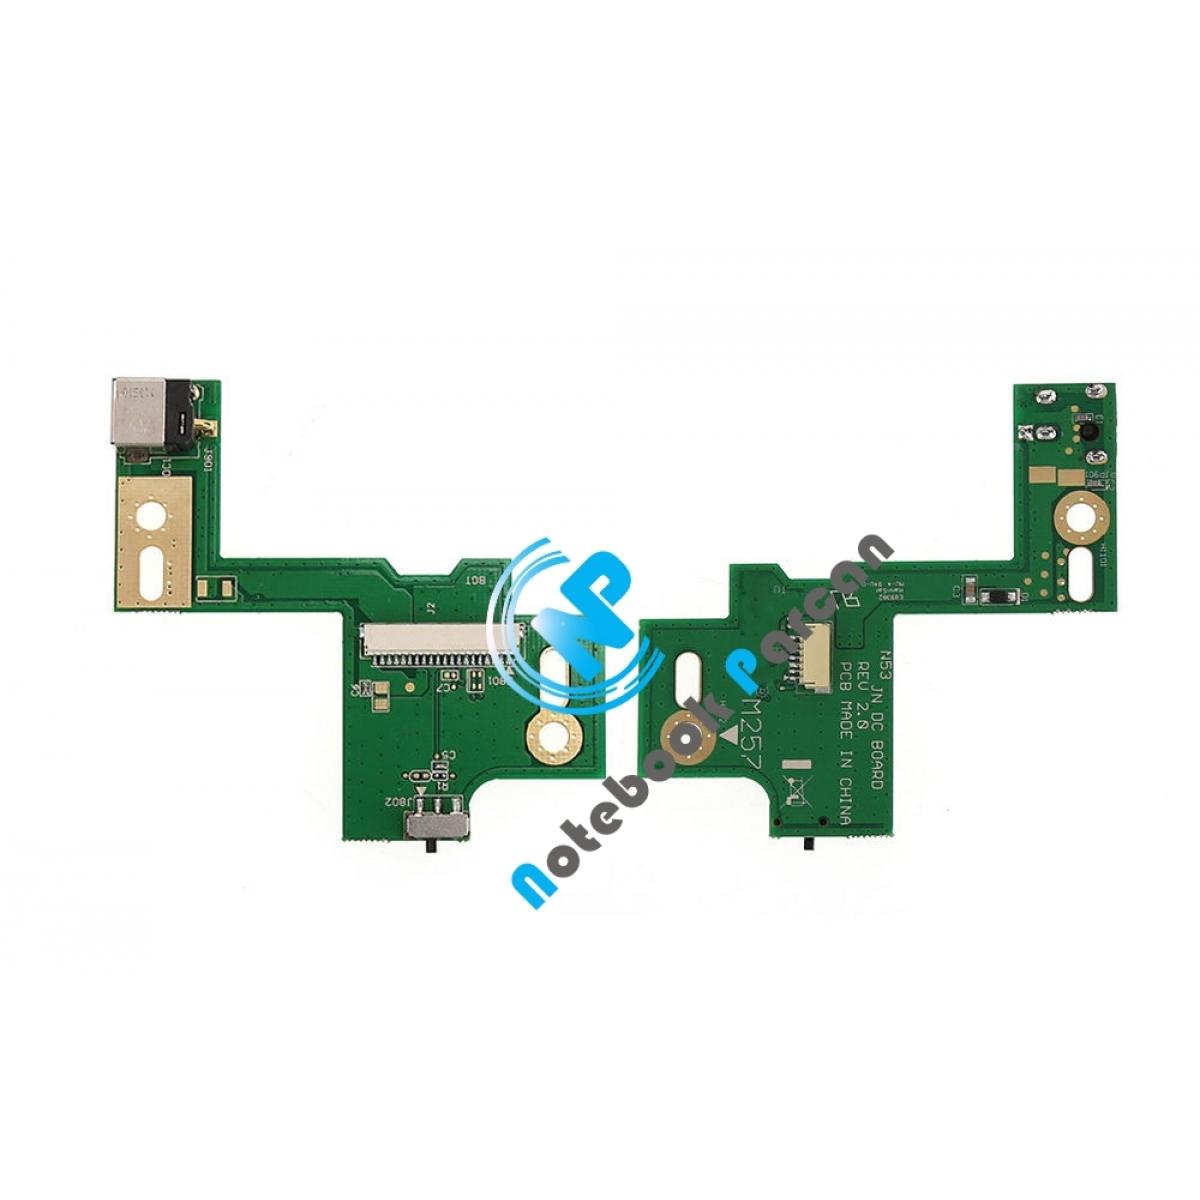 Asus N53 Power Board DC Jack